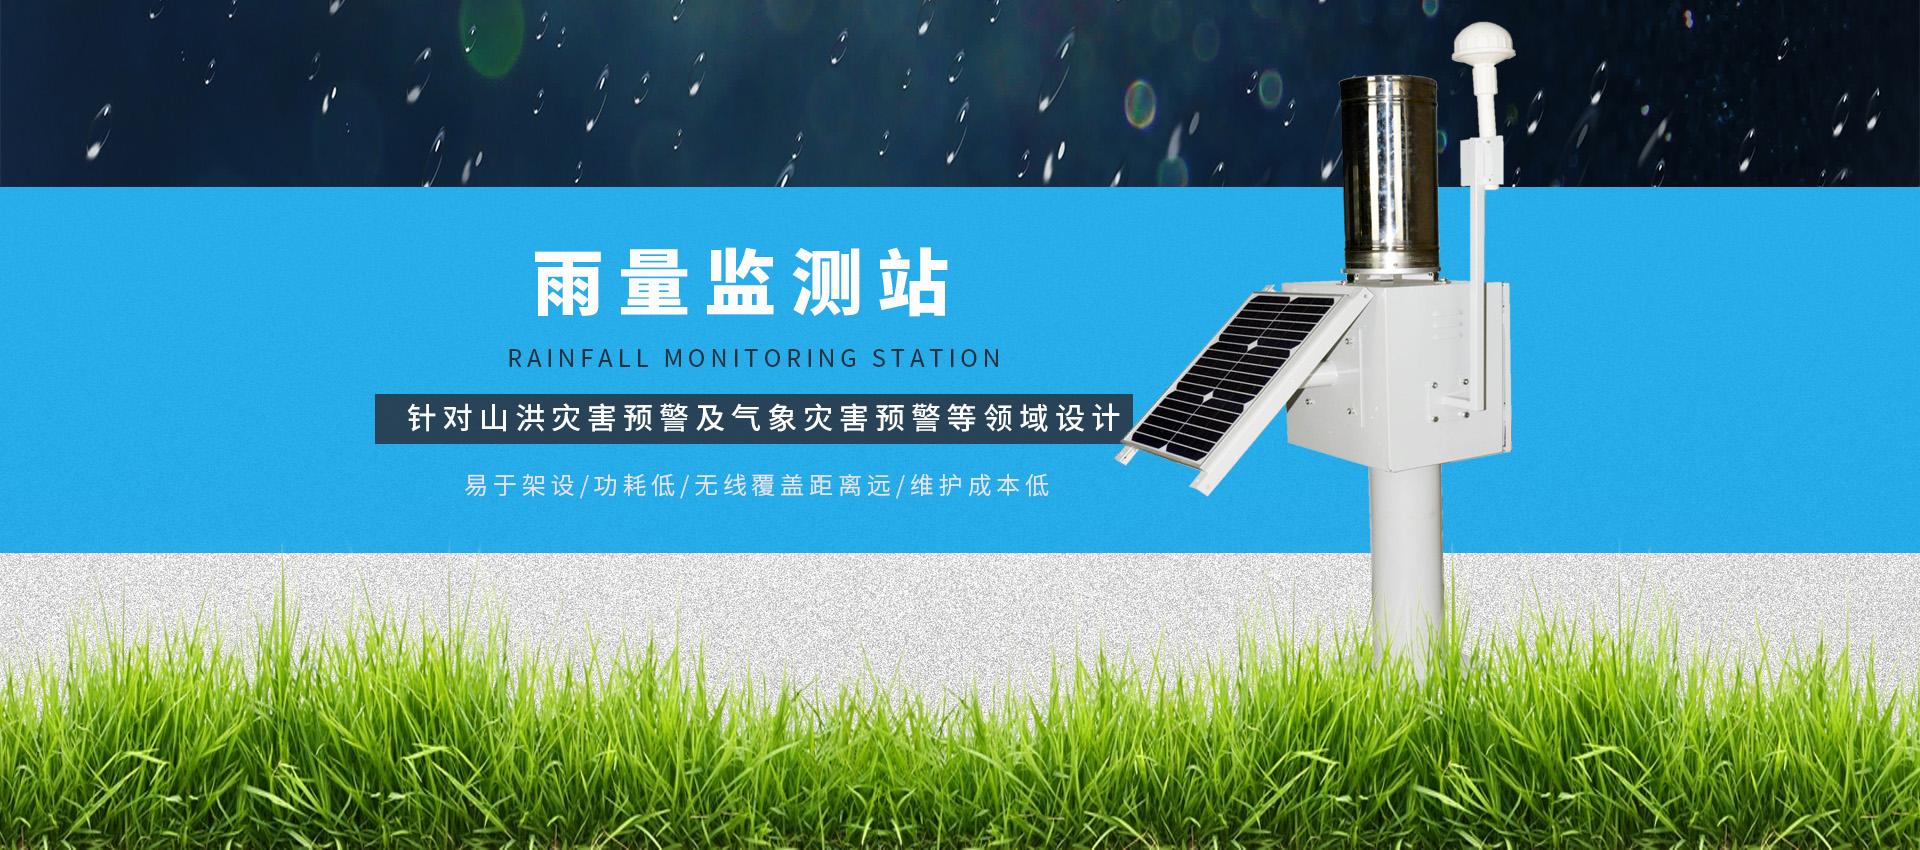 全自动太阳能降雨量监测站系统|雨量监测设备.jpg